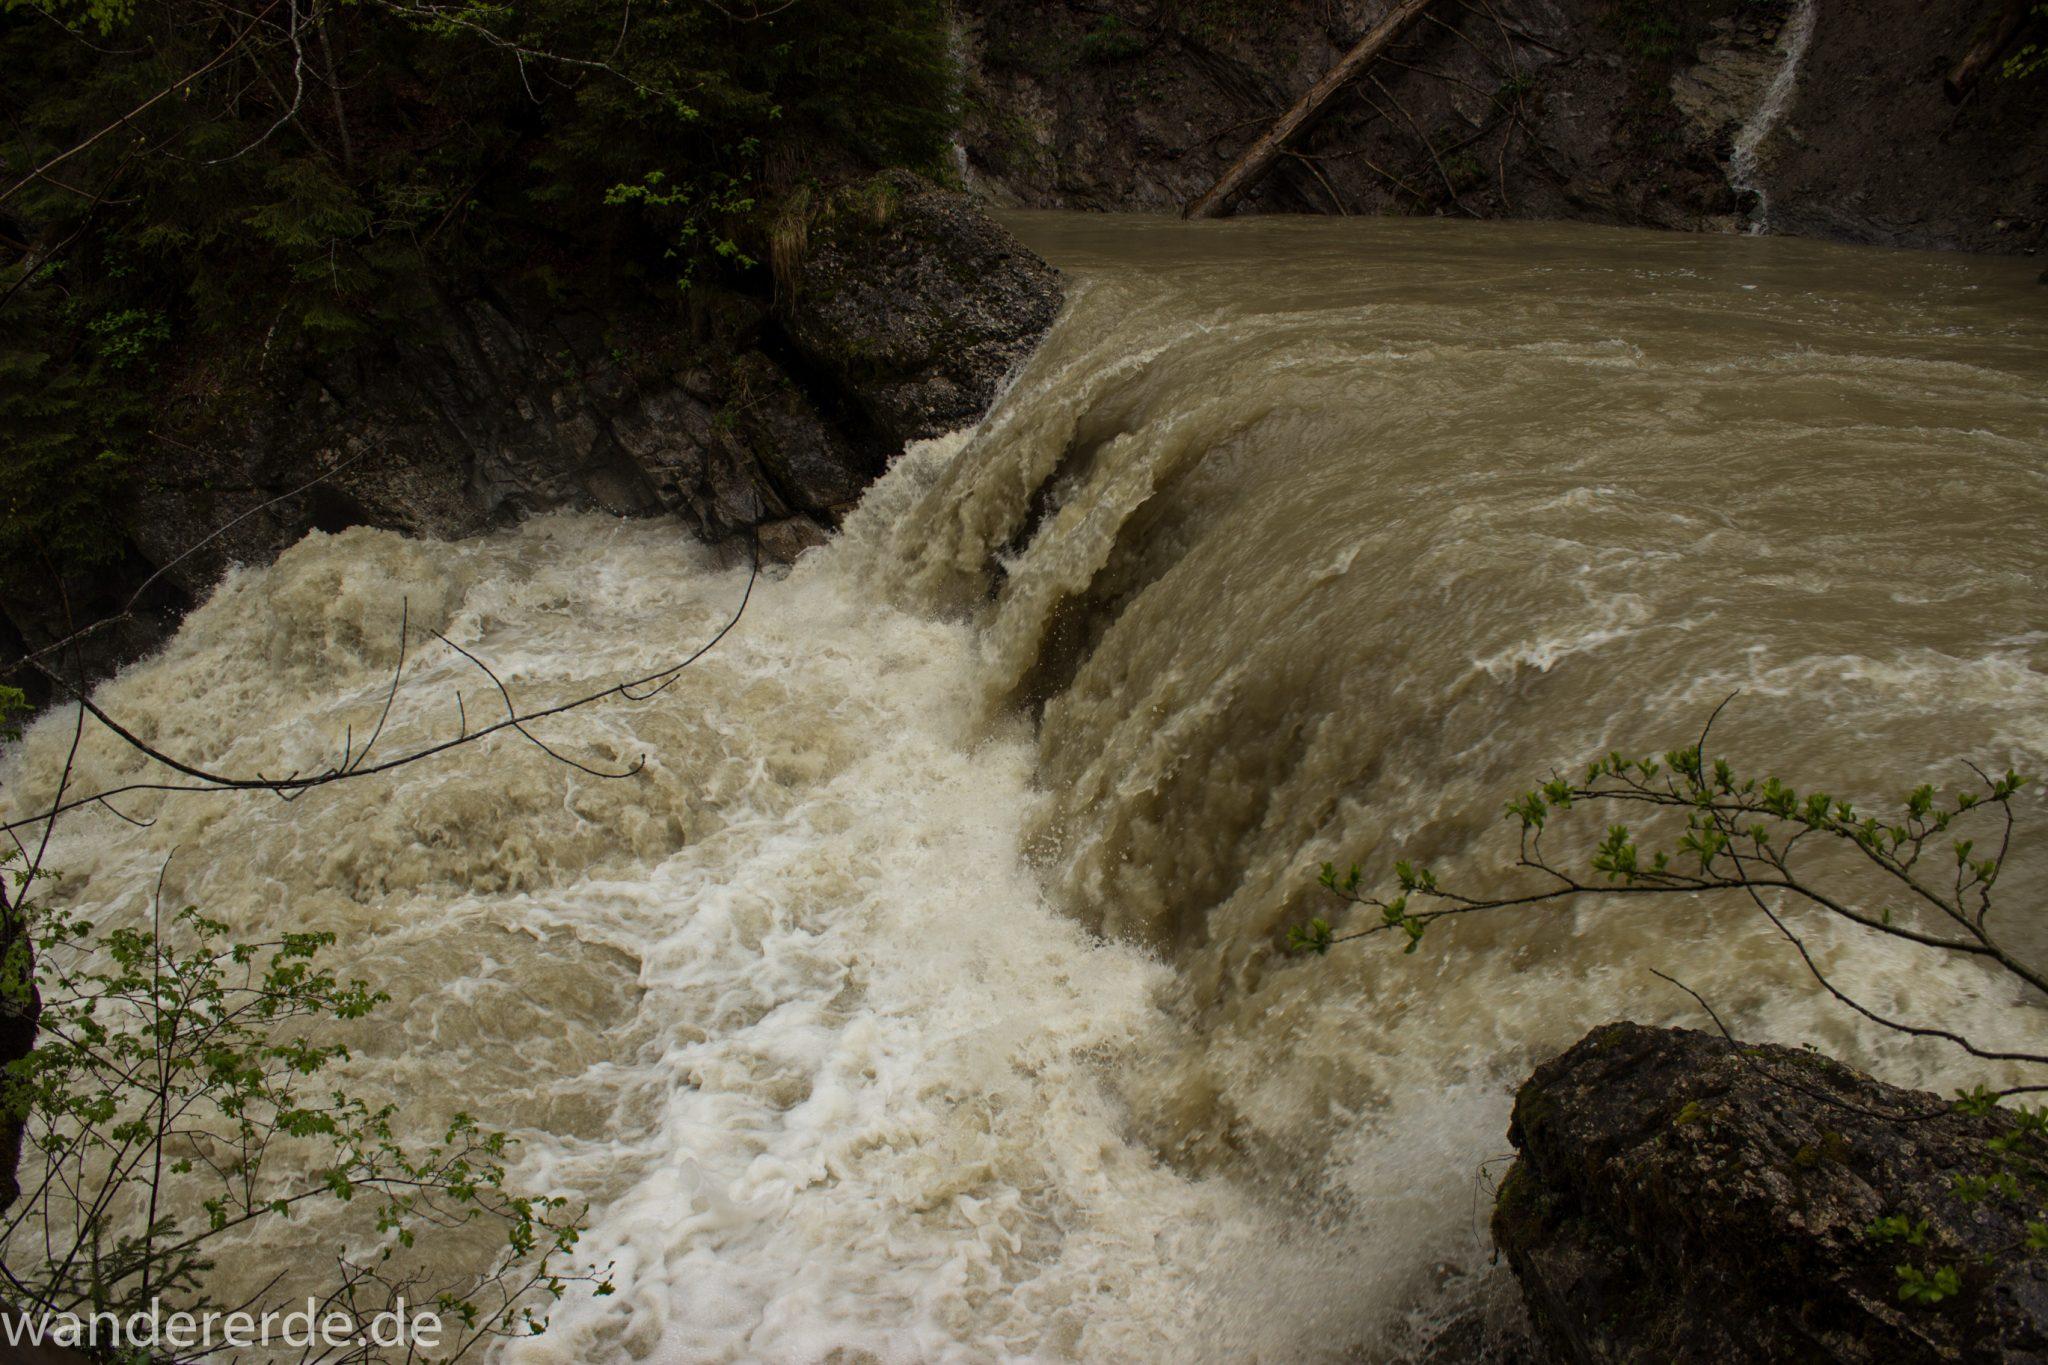 Wanderung Tobelweg ab Gunzesried im Allgäu, Ostertal Tobelweg ab Wanderparkplatz Gunzesrieder Säge wandern, abwechslungsreicher schmaler Pfad zum Ostertal, reißender Fluss nach starken Regenfällen, umgeben von Felsen